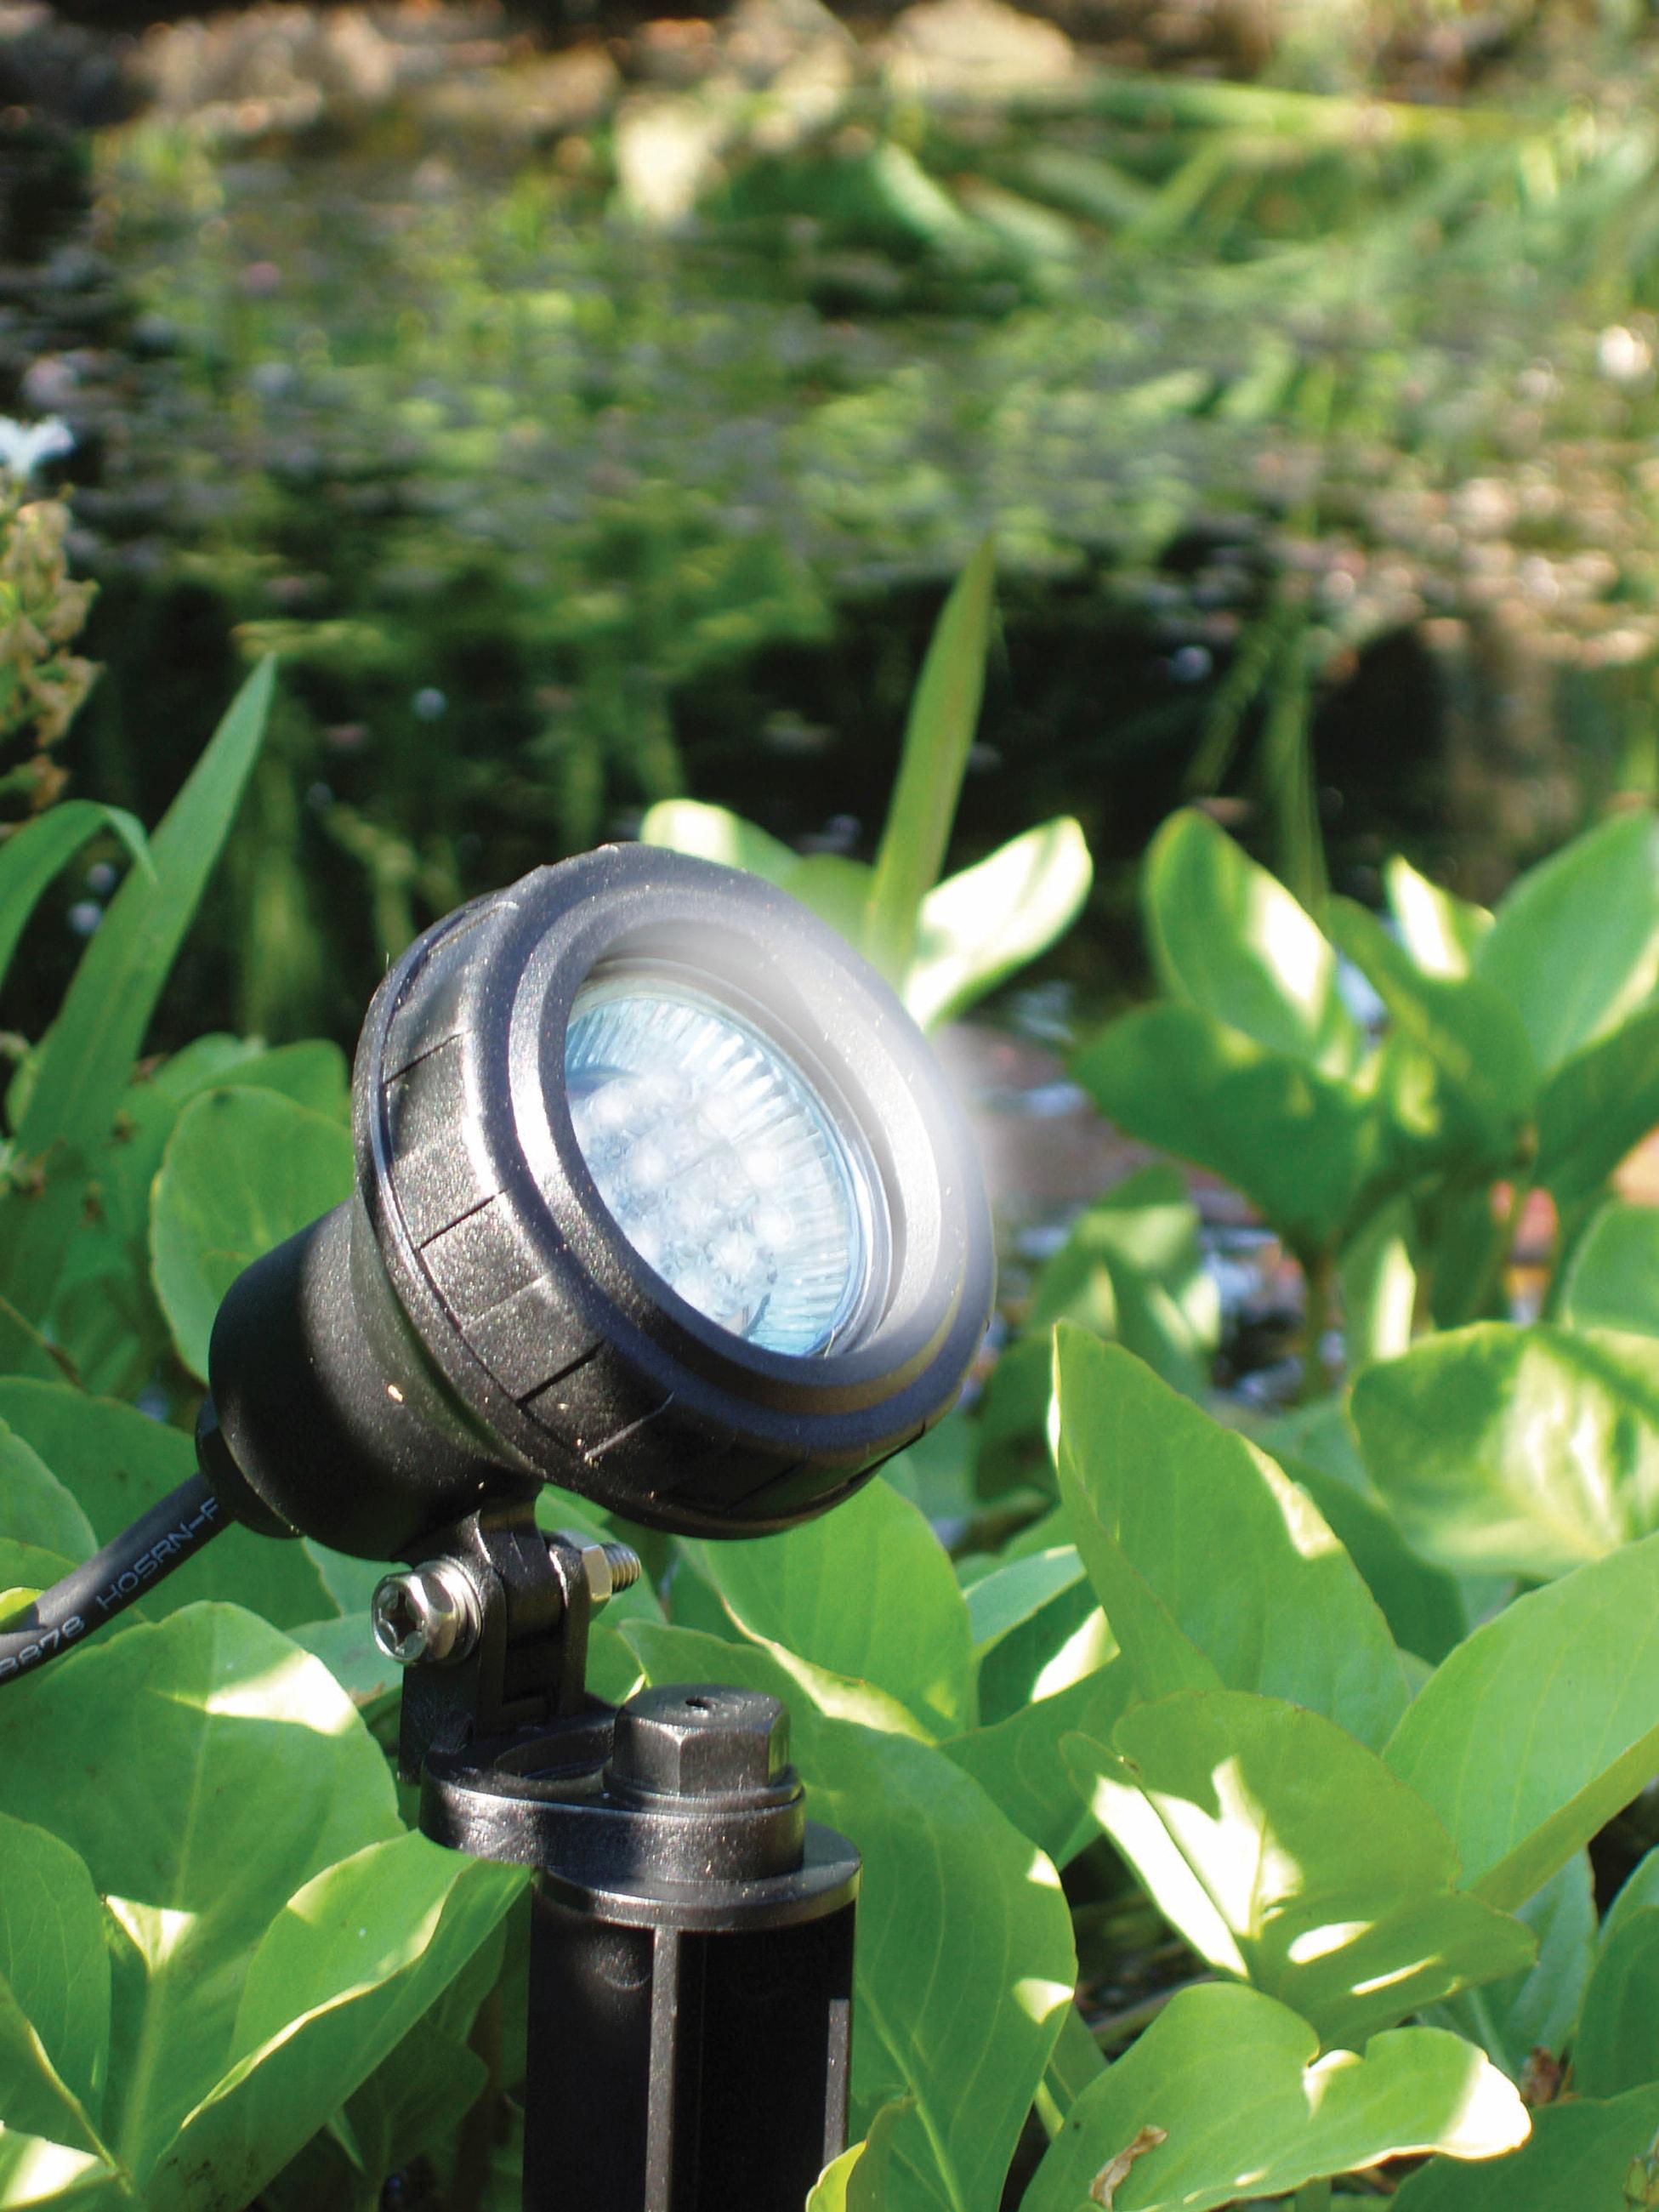 Teichbeleuchtung Multibright, LED-Strahler inkl. 4 Farbscheiben